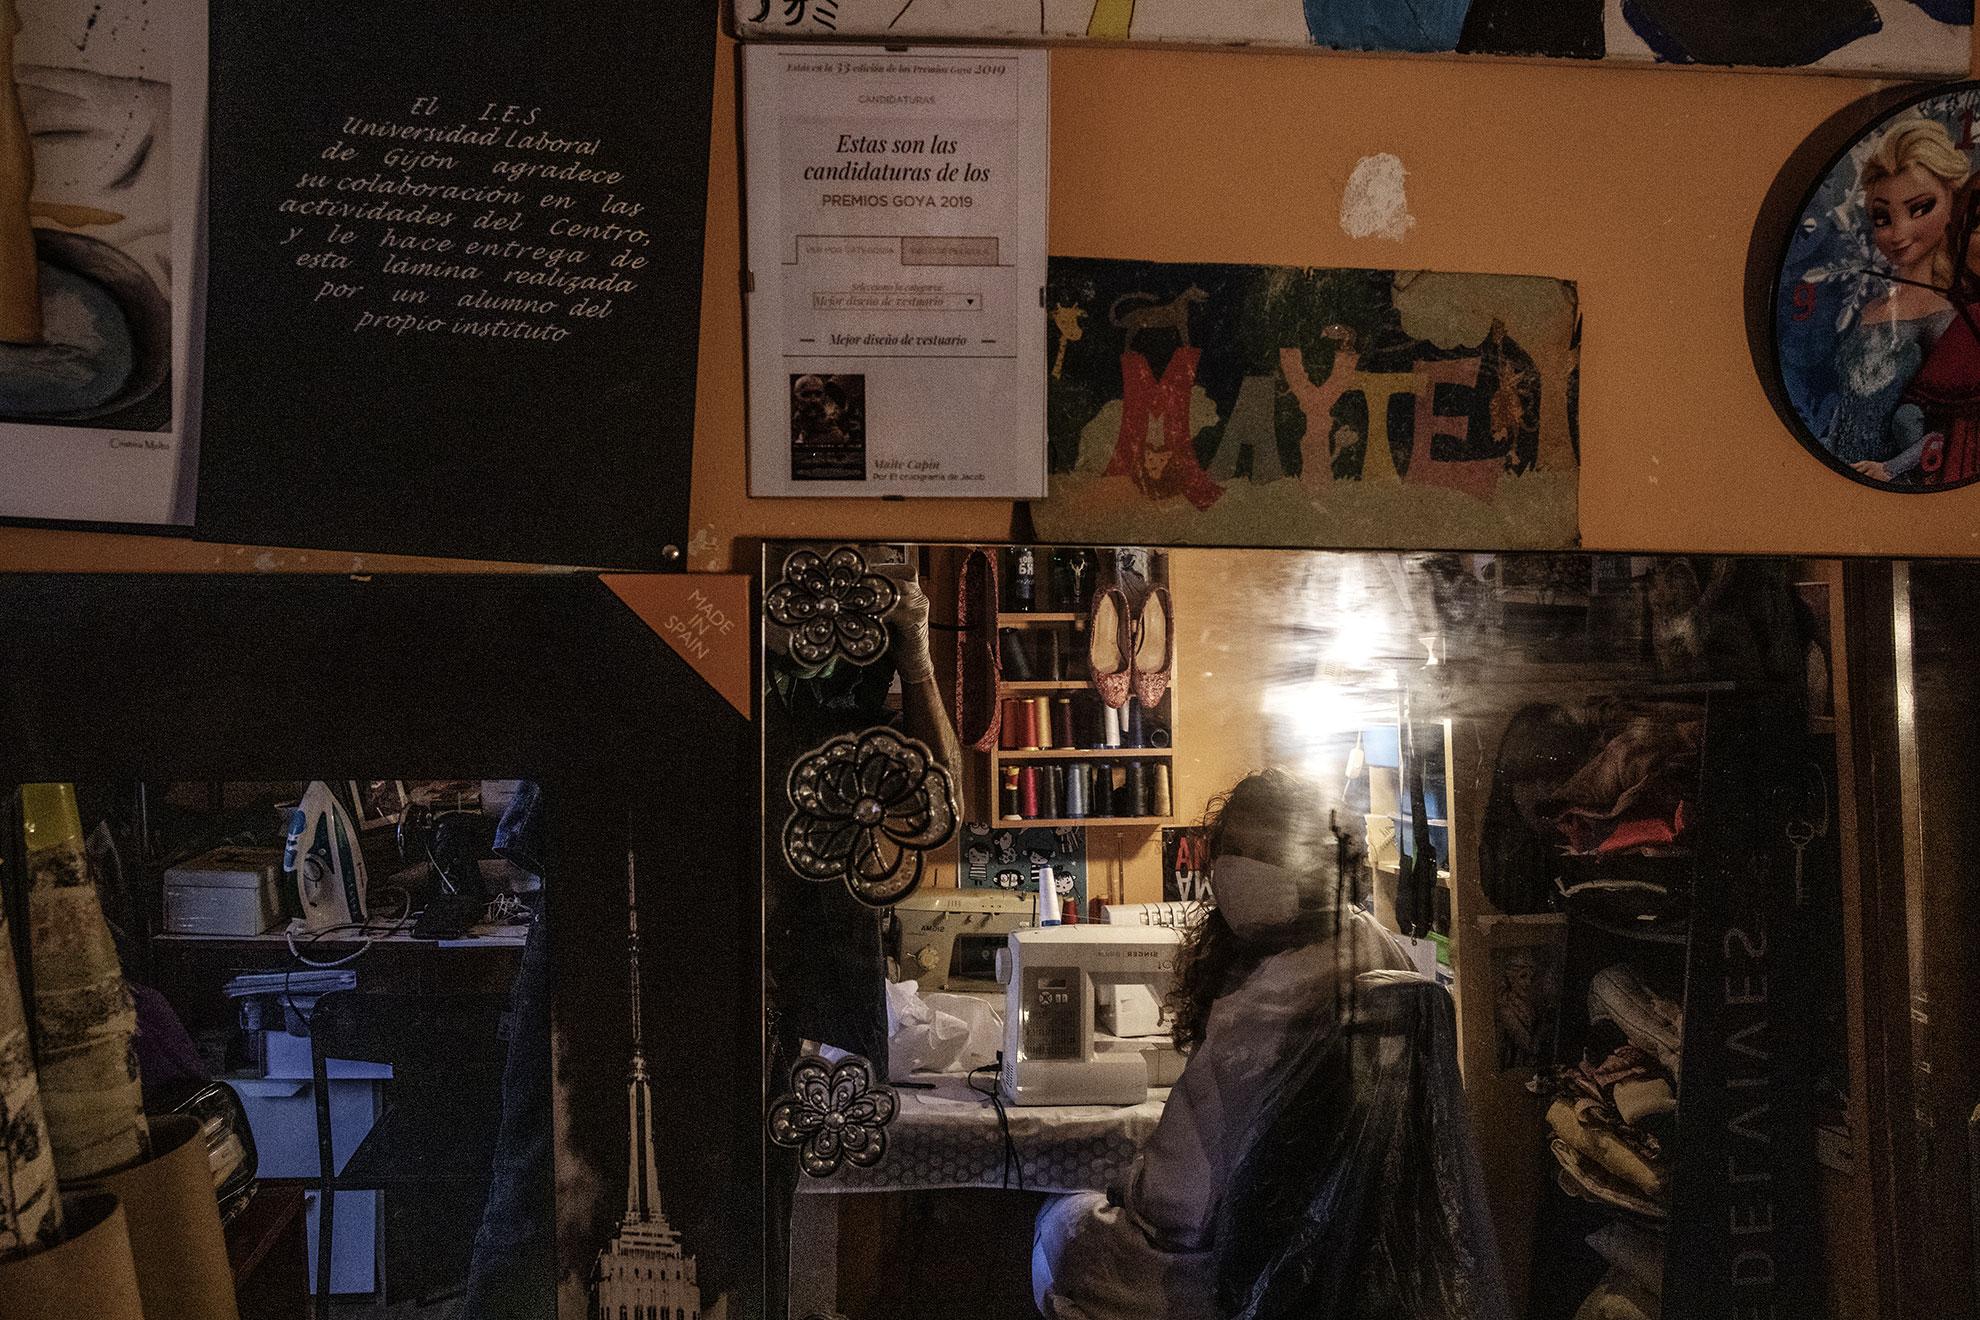 Maite Capín es directora de vestuario y ha estado nominada a los Goya el pasado año. Tan pronto se enteró de la falta de mascarillas organizo una red de costureras voluntarias para desarrollar mascarillas. Su método esta siendo seguido muy de cerca por las autoridades médicas de la ciudad, así como la facultad de enfermería de Oviedo, a fin de poder homologarlas y puedan ser distribuidas entre personal medico, apacientes y civiles por igual.En la foto: El diploma de las nominación a los premios Goya de 2019 cuelga de la pared del taller de costura mientras Maite se ve reflejada en un espejo. Oviedo, Asturias.